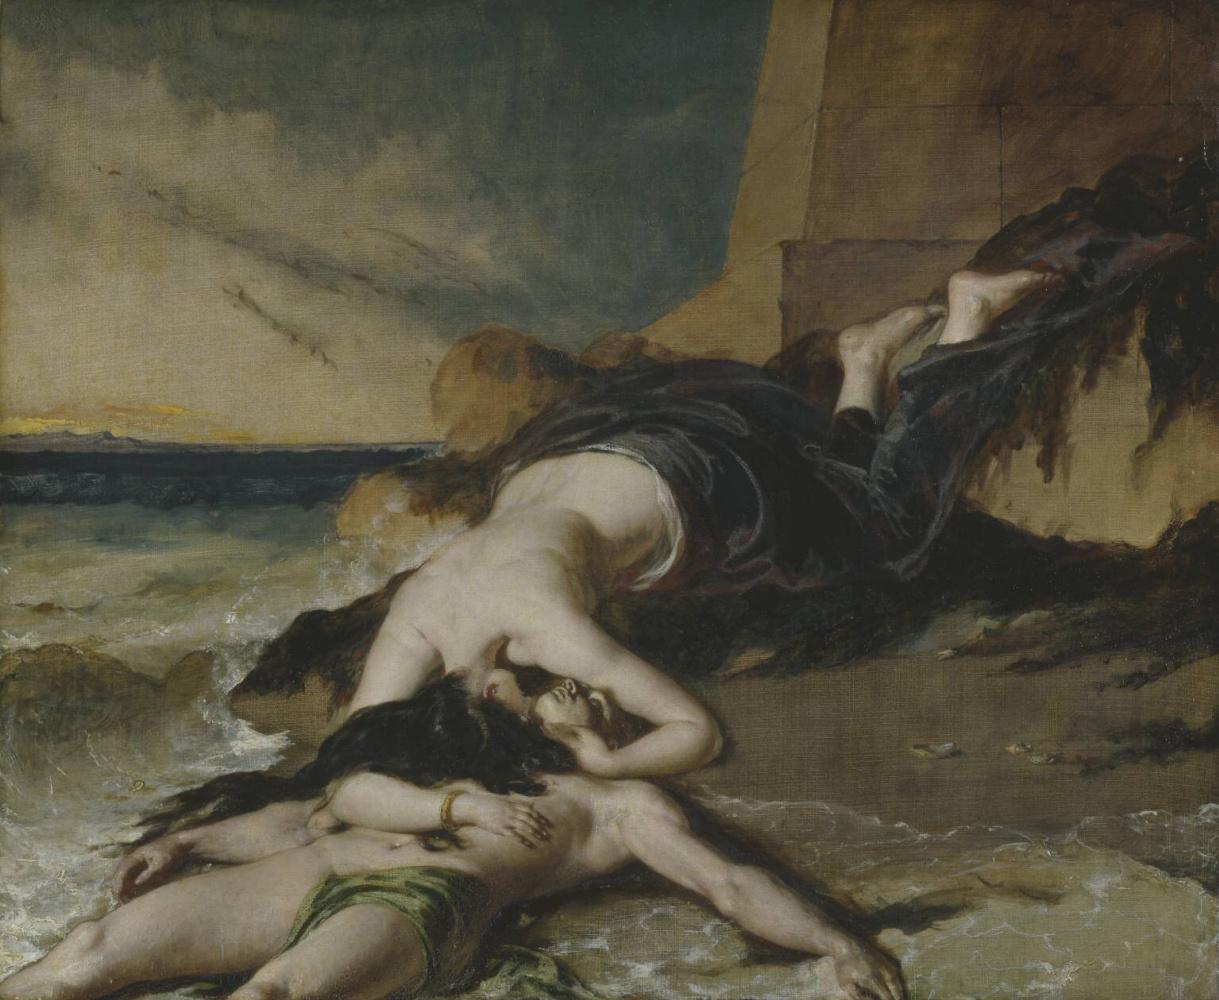 Уильям Этти. Геро, выбросившая из башни при виде утонувшего Леандра, умирает на его теле